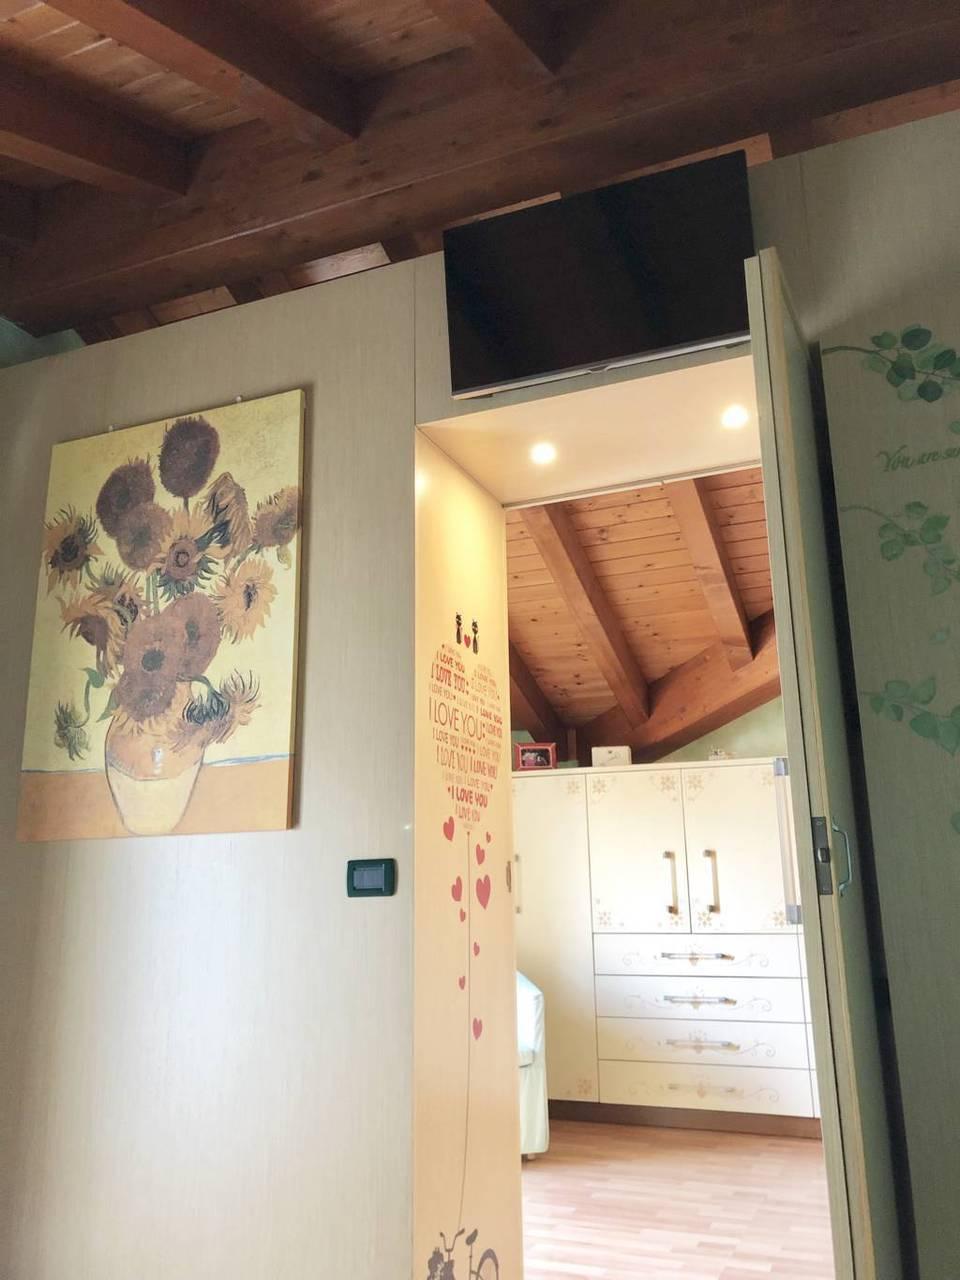 Appartamento-4-locali-giardino-in-vendita-Busnago-15